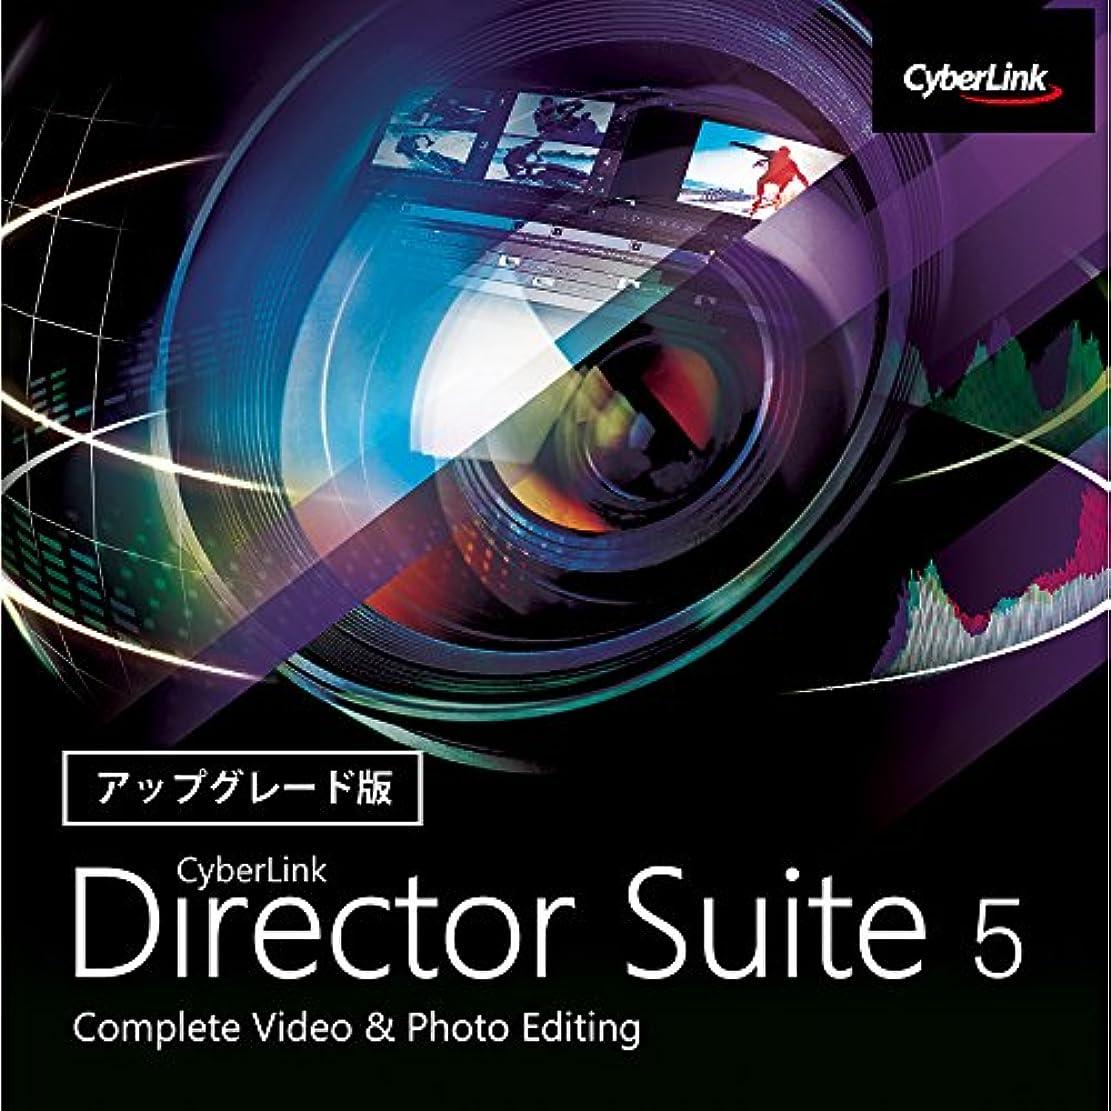 出費記念大人Director Suite 5 アップグレード版  ダウンロード版